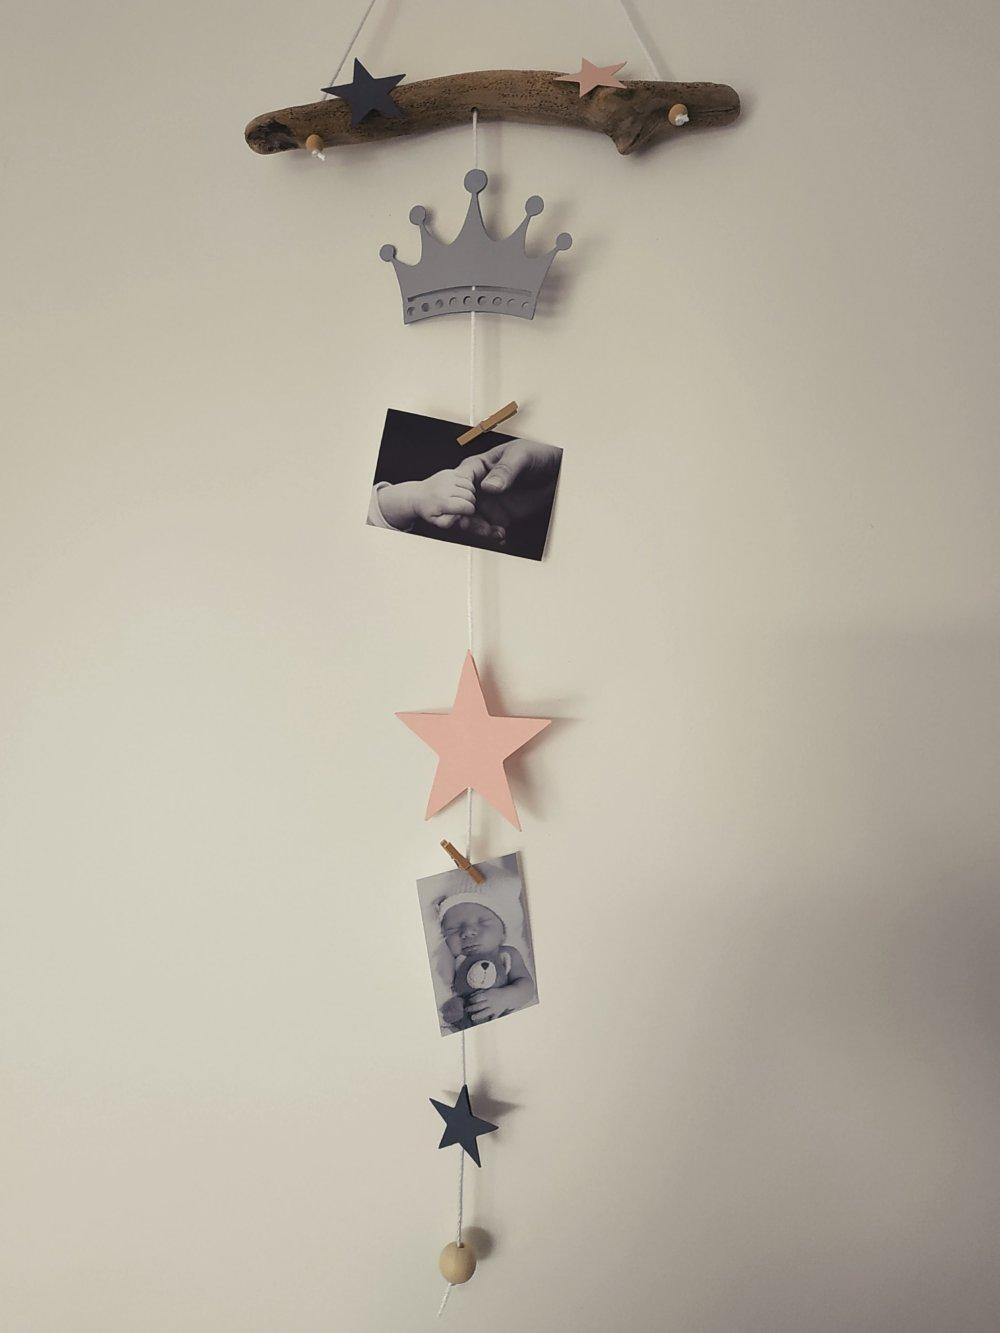 Bois Flotté Porte Photo pêle mêle, mobile porte photos bois flotté idée cadeau liste naissance  chambre enfant baby shower princesse couronne etoile